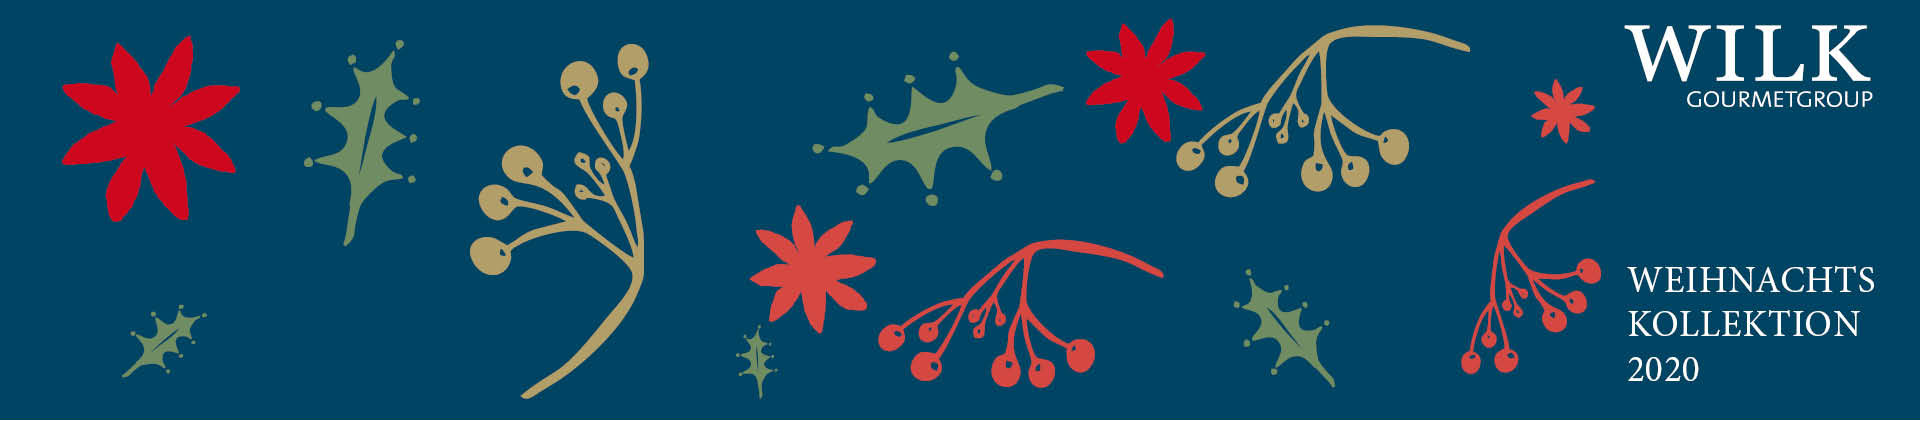 media/image/Banner1920px-weihnachten20.jpg